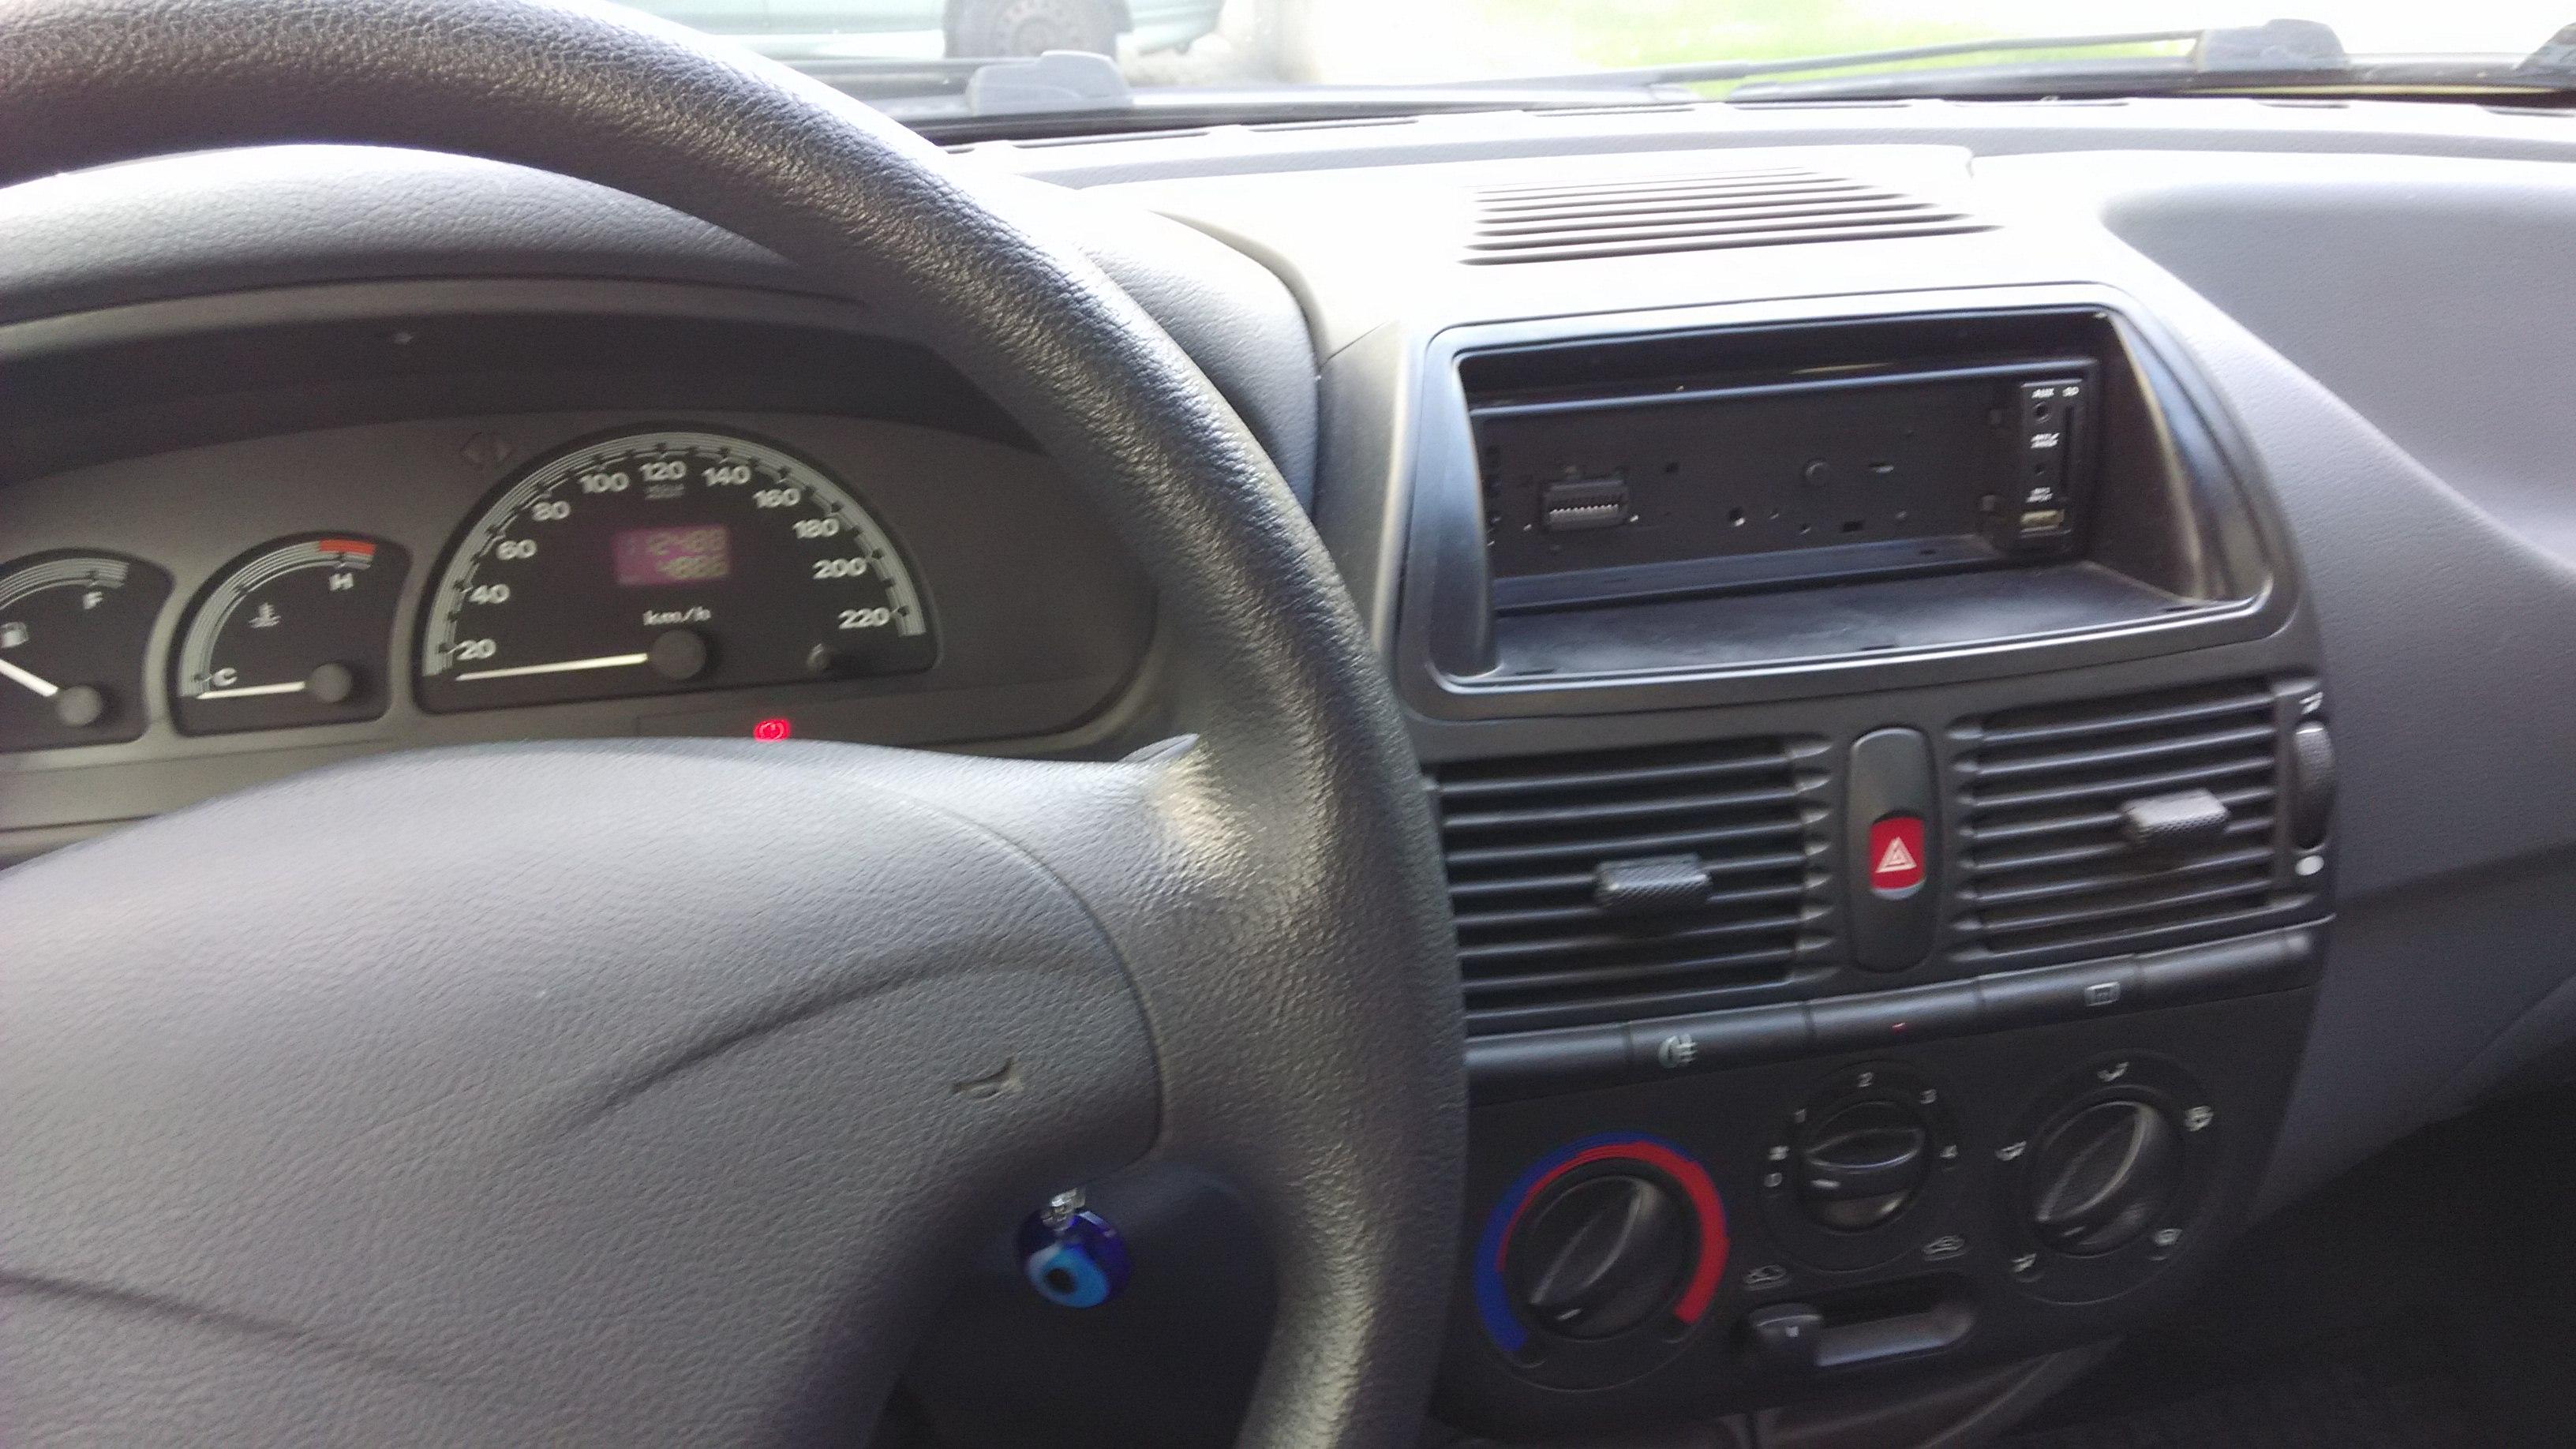 Freemoto - Sprzedam Fiata Brava 1.4 80KM przebieg 112,5 tys. km